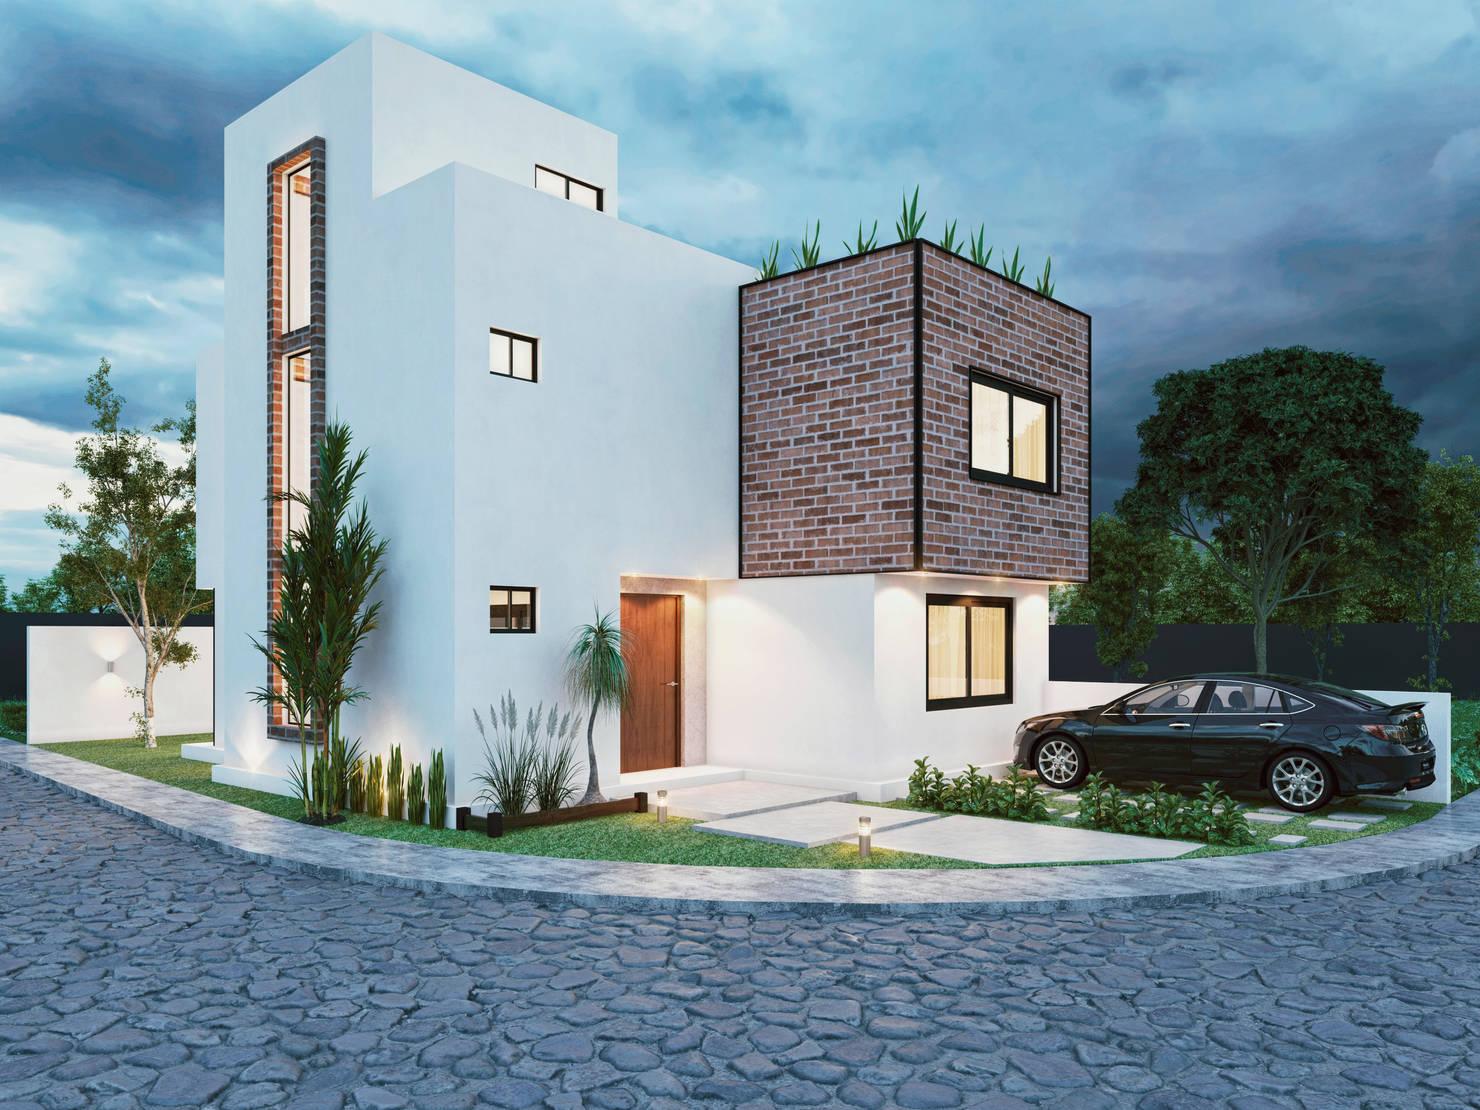 Una moderna casa de 174m² con terraza